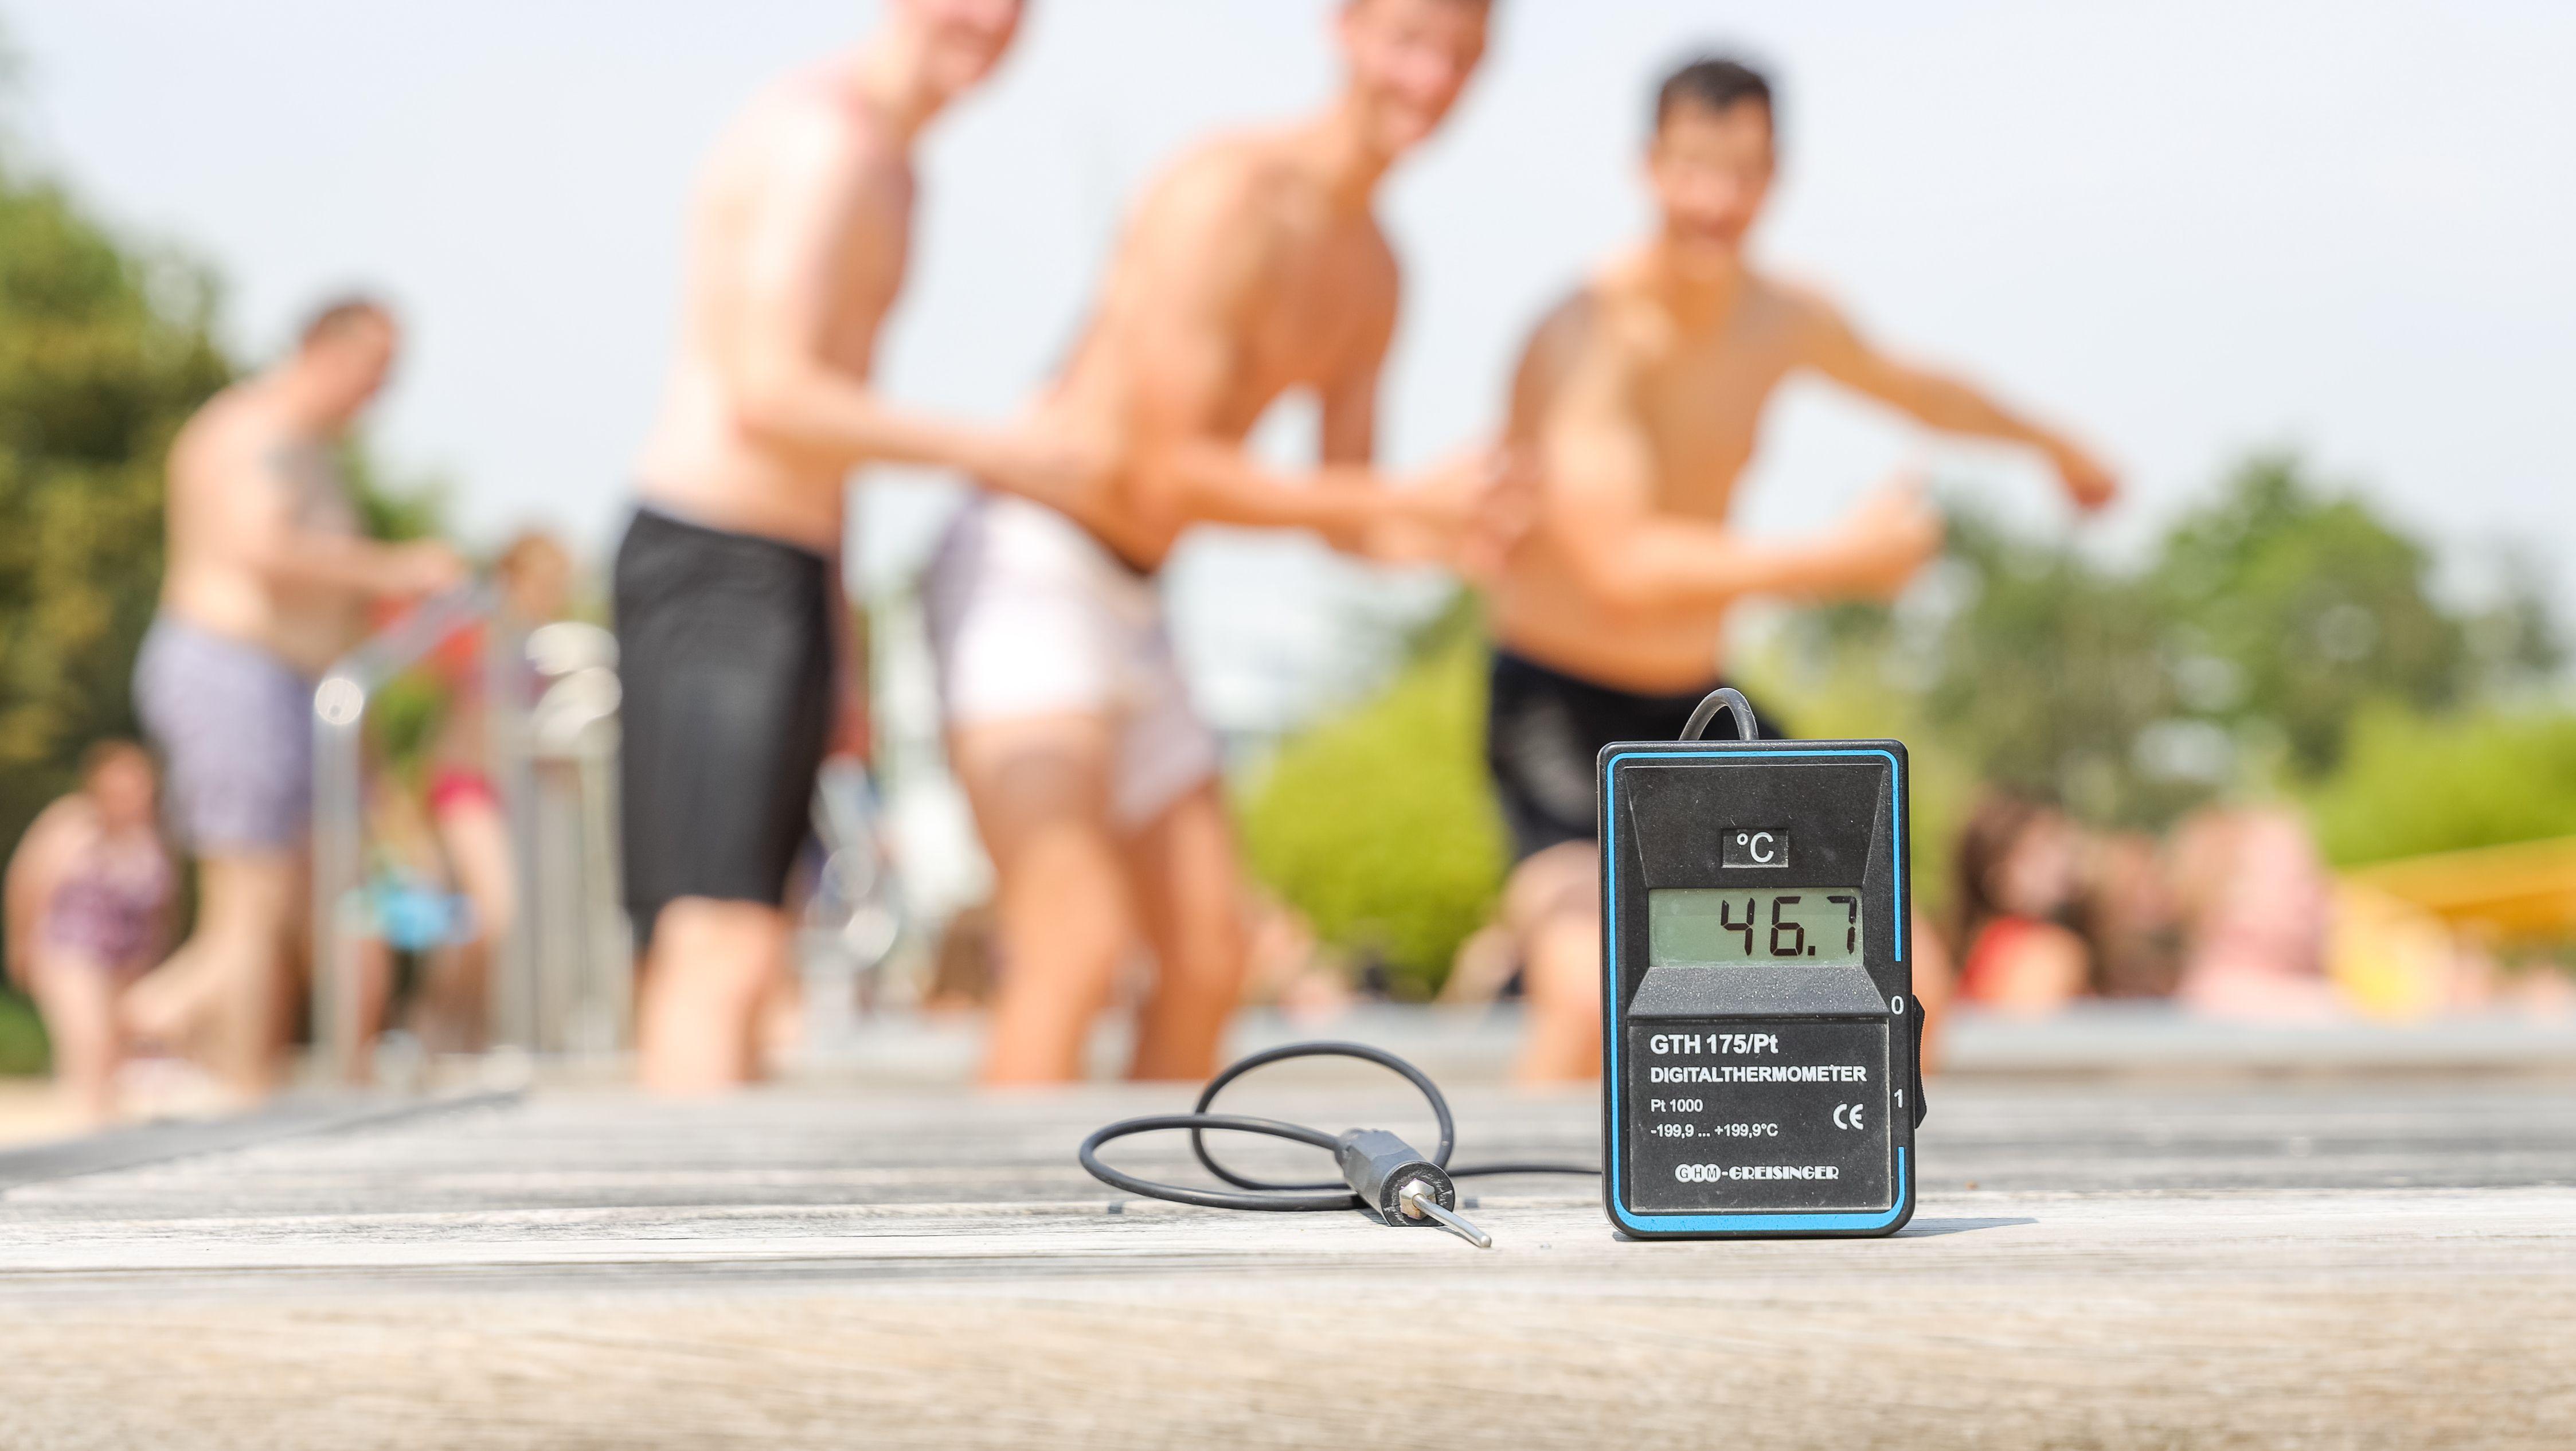 Die Anzeige eines Thermometers zeigt 46,9 Grad in der Sonne an, während im Hintergrund die Menschen im Schwimmbad sind. Eine neue Hitzewelle bringt Deutschland mit rekordverdächtigen Temperaturen zum Schwitzen.